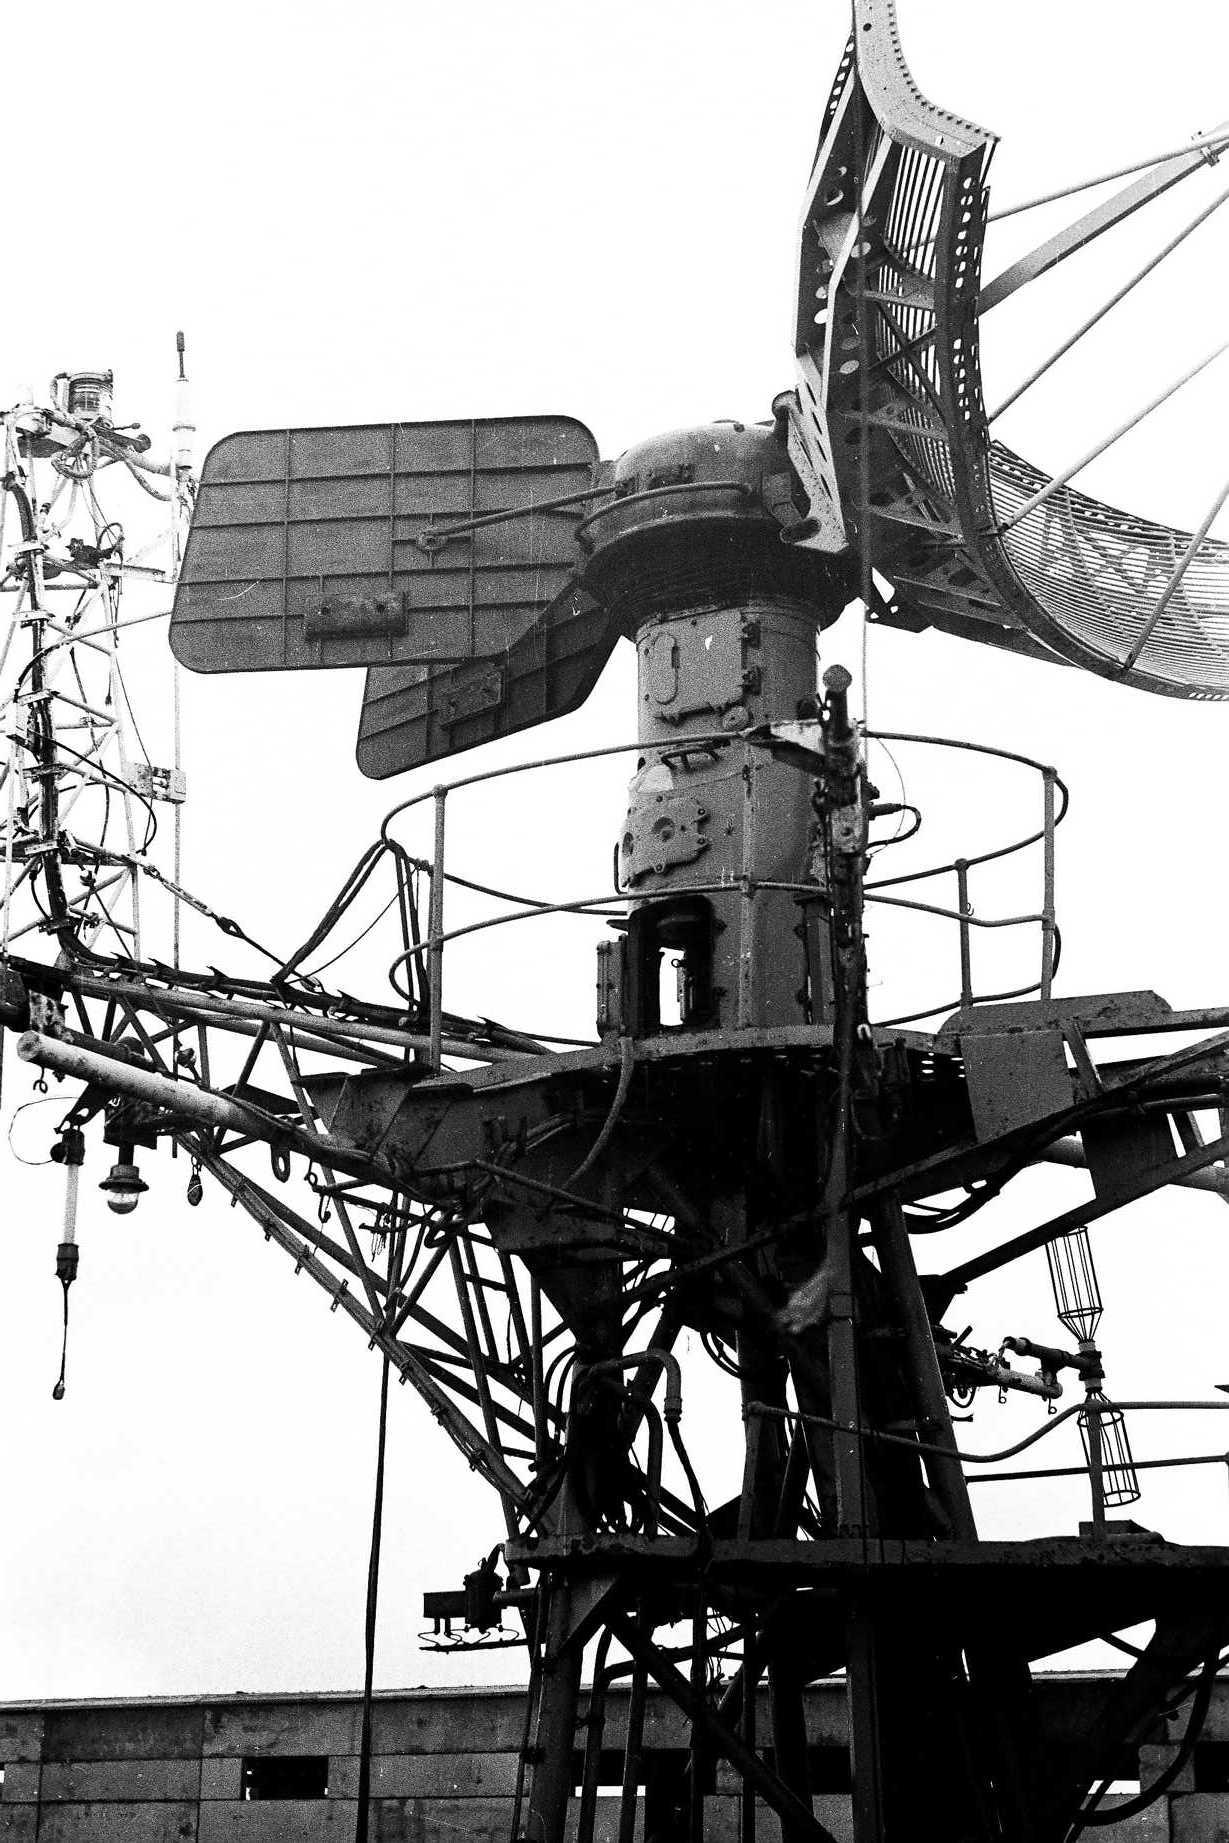 Slim Net radar (Фут-Н) 015.jpg